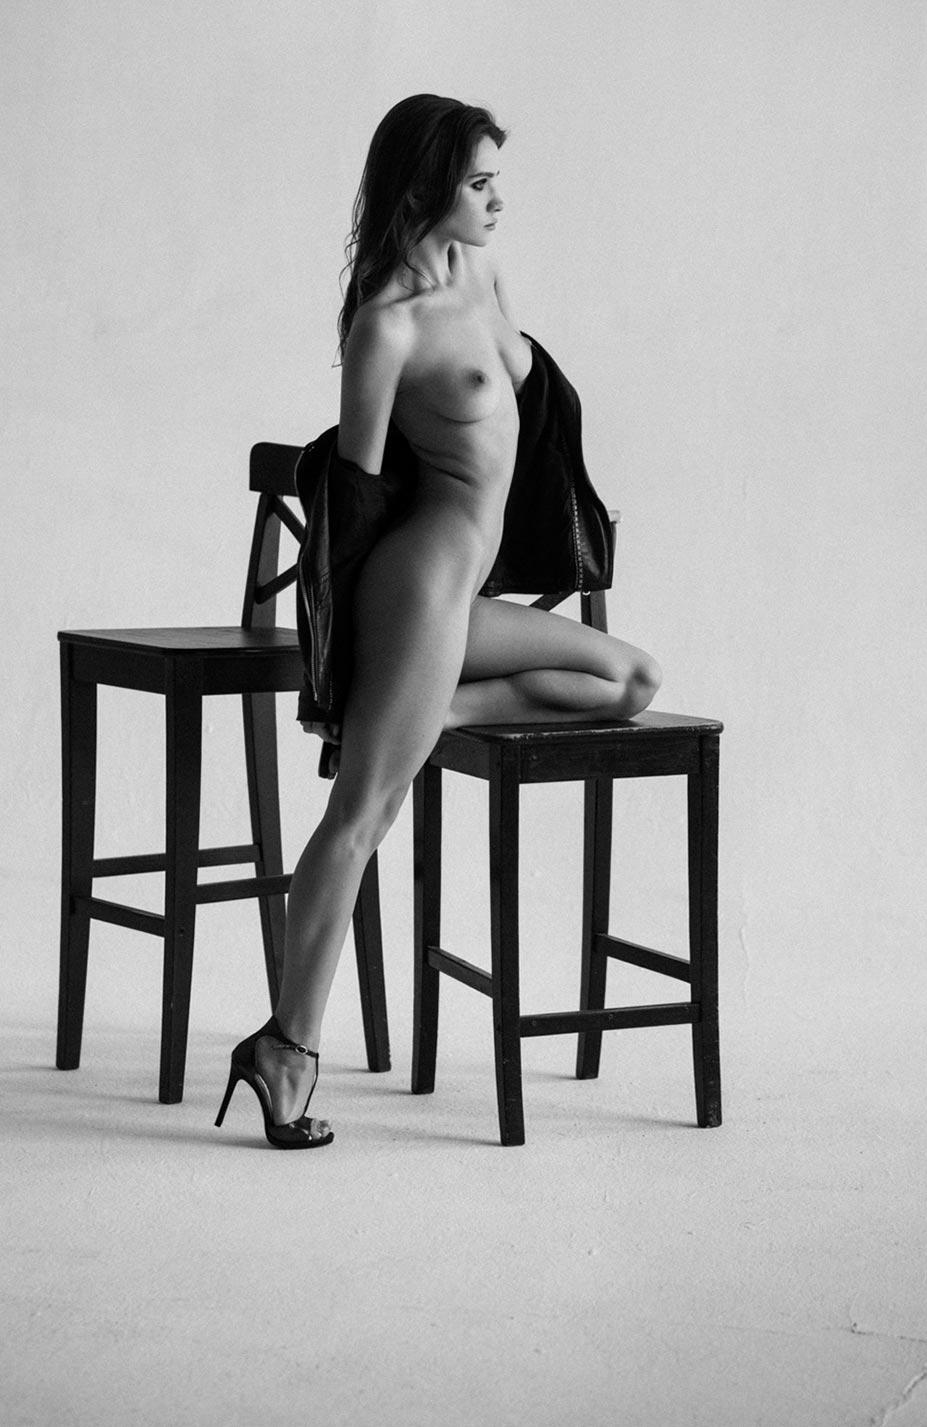 Кристина Макарова экспериментирует со стремянкой / фото 06